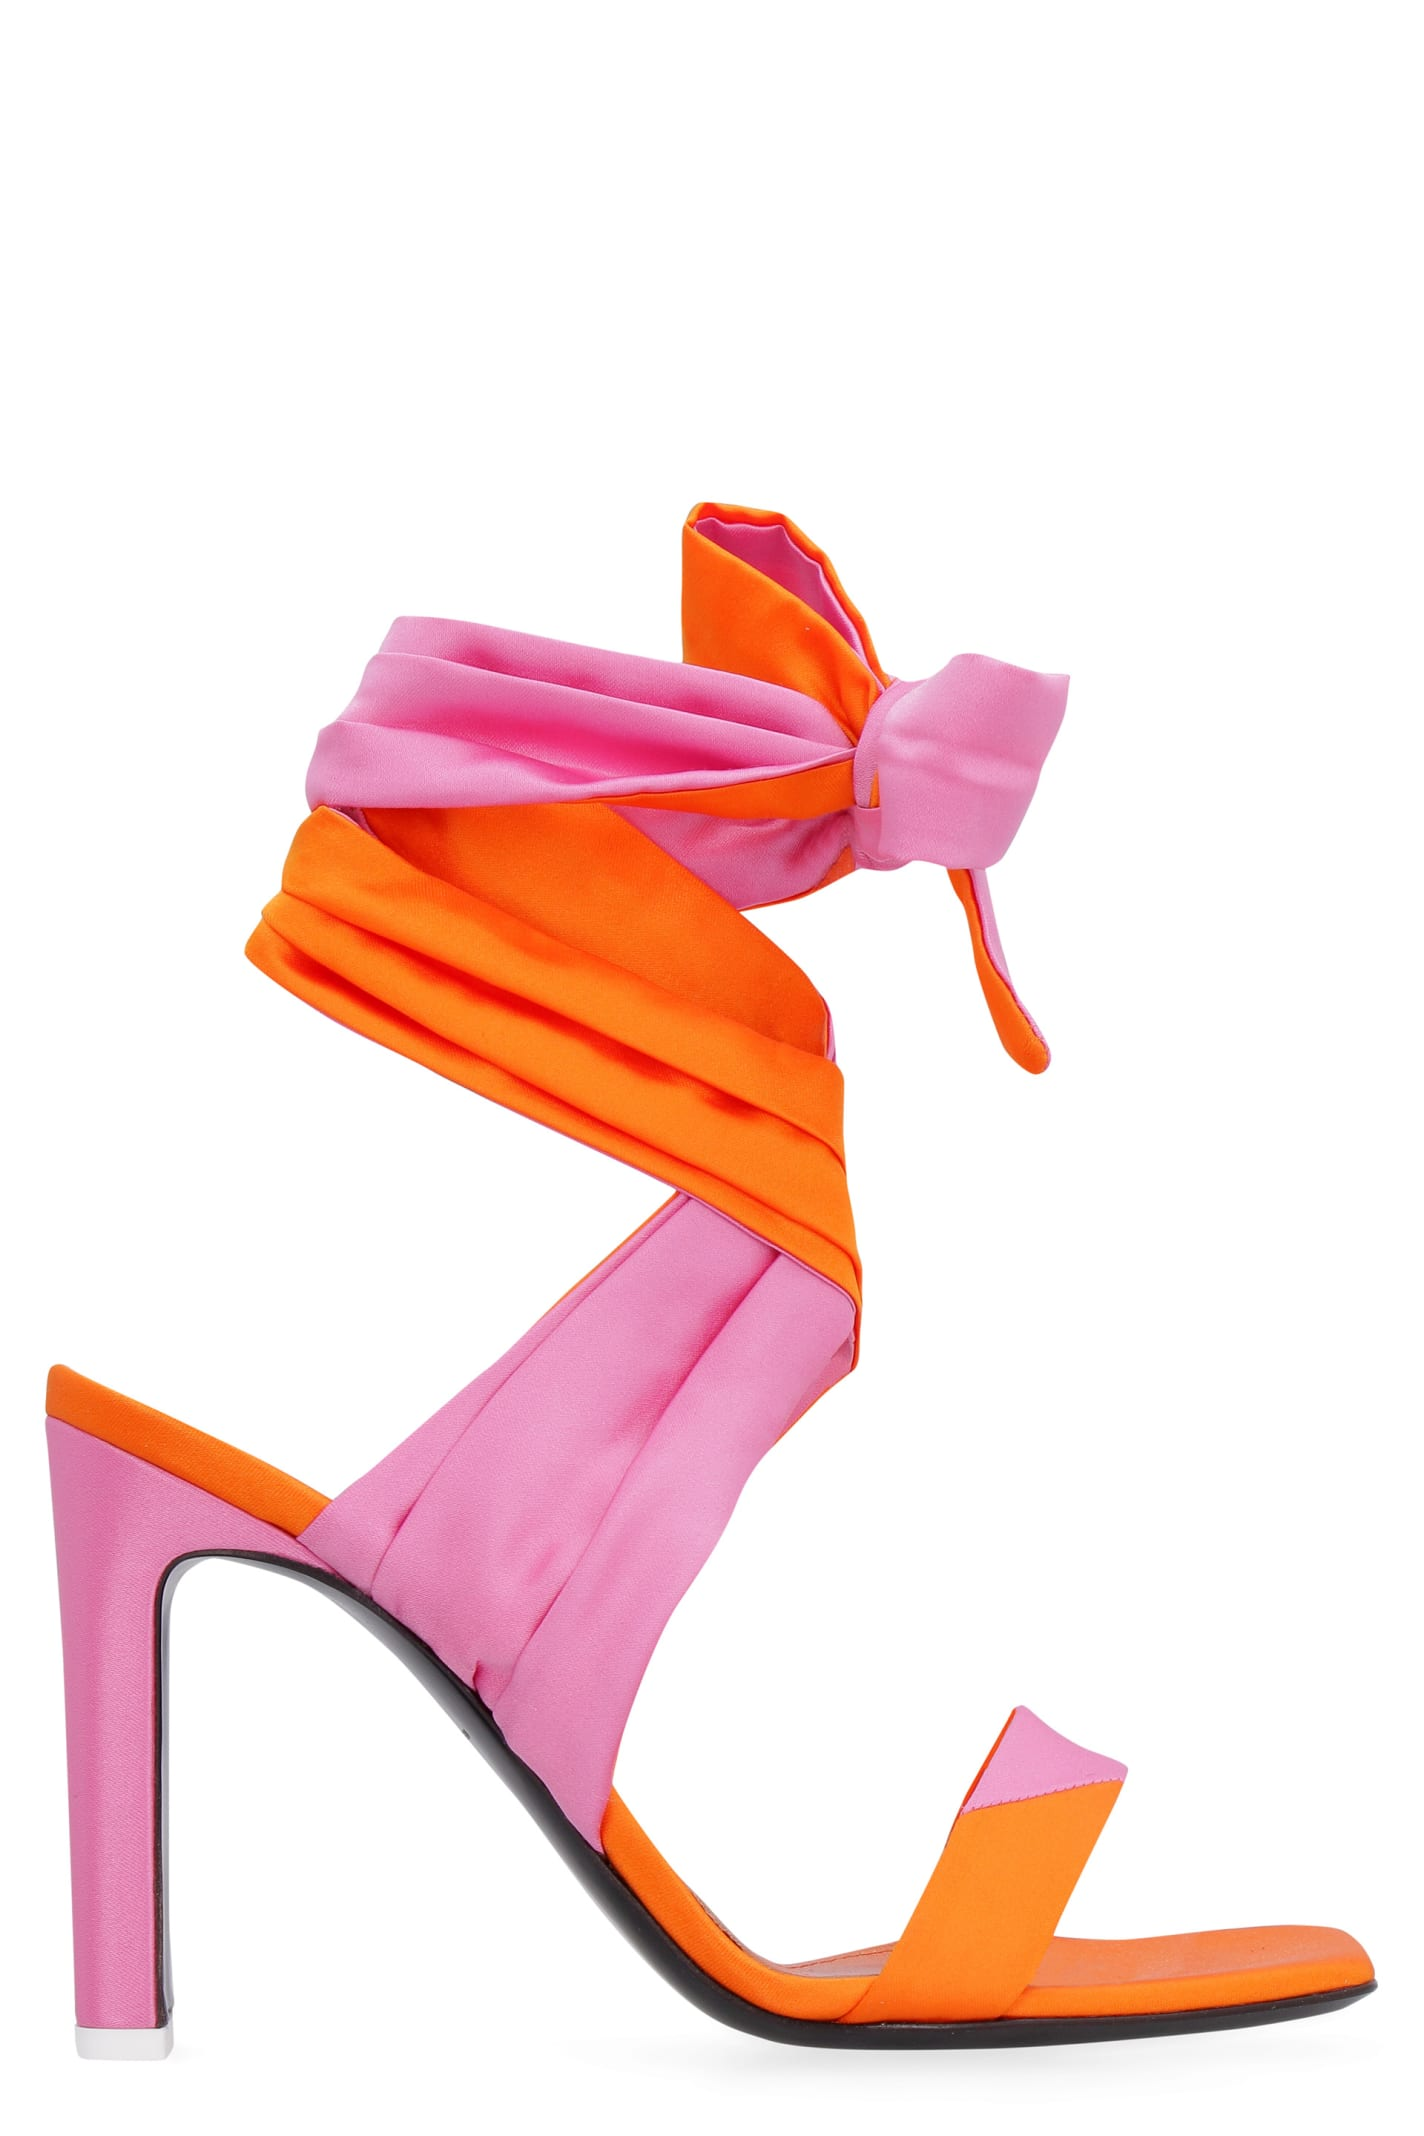 The Attico Paris Heeled Sandals